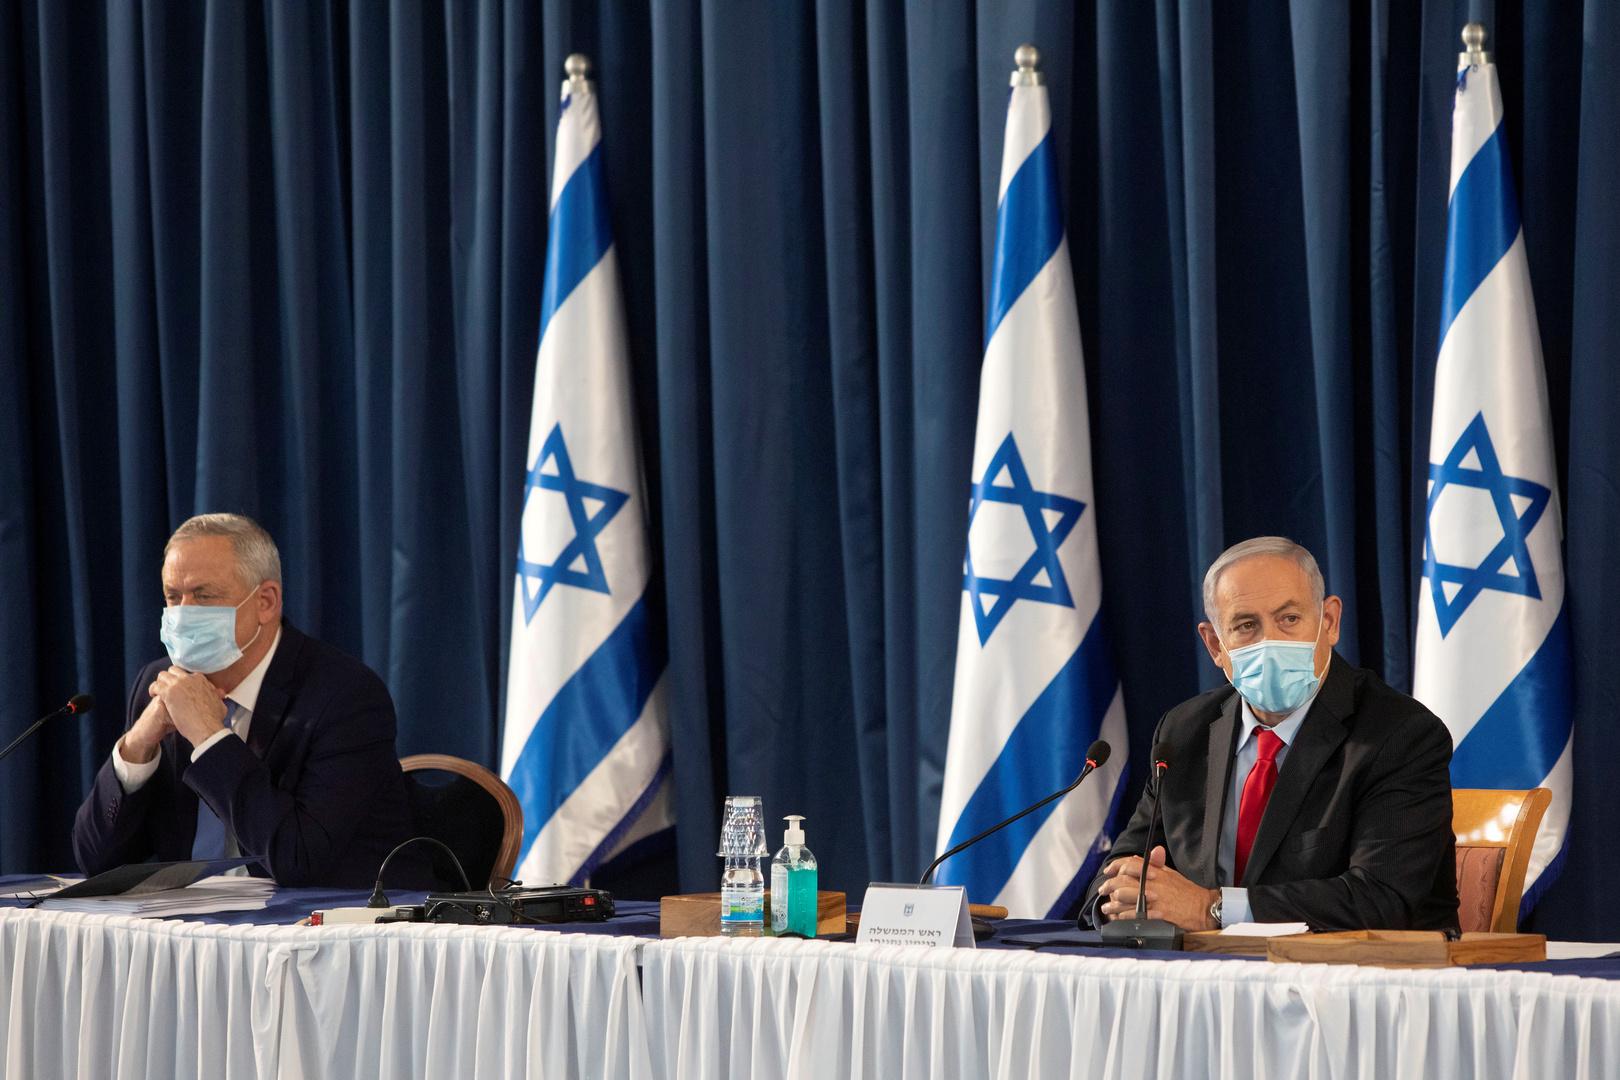 وسائل إعلام: نتنياهو بصدد حل ائتلافه مع غانتس والذهاب إلى انتخابات جديدة